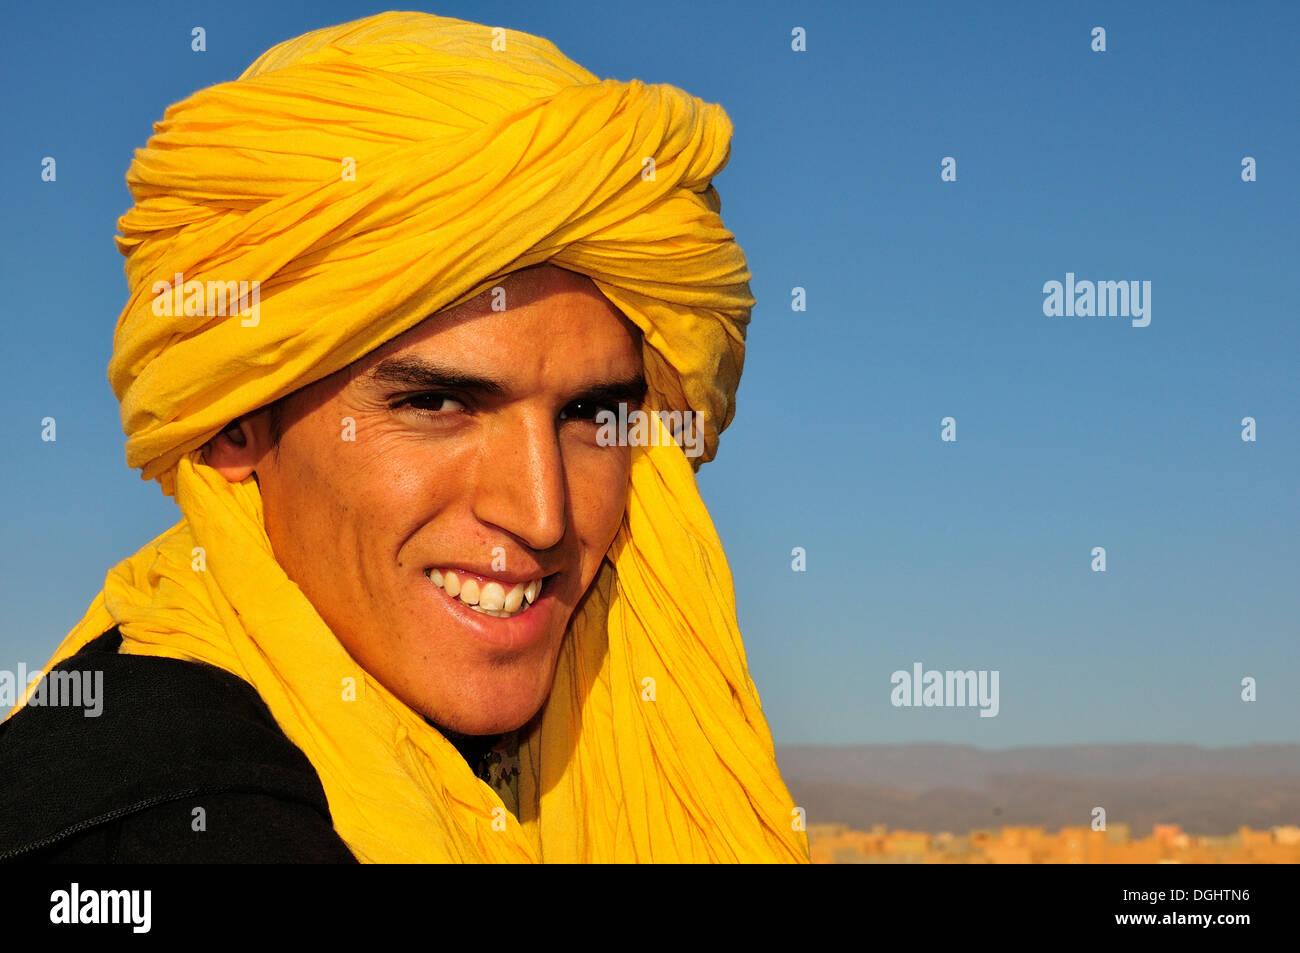 texture nette recherche d'authentique vaste gamme de Cheche Or Shesh Stock Photos & Cheche Or Shesh Stock Images ...